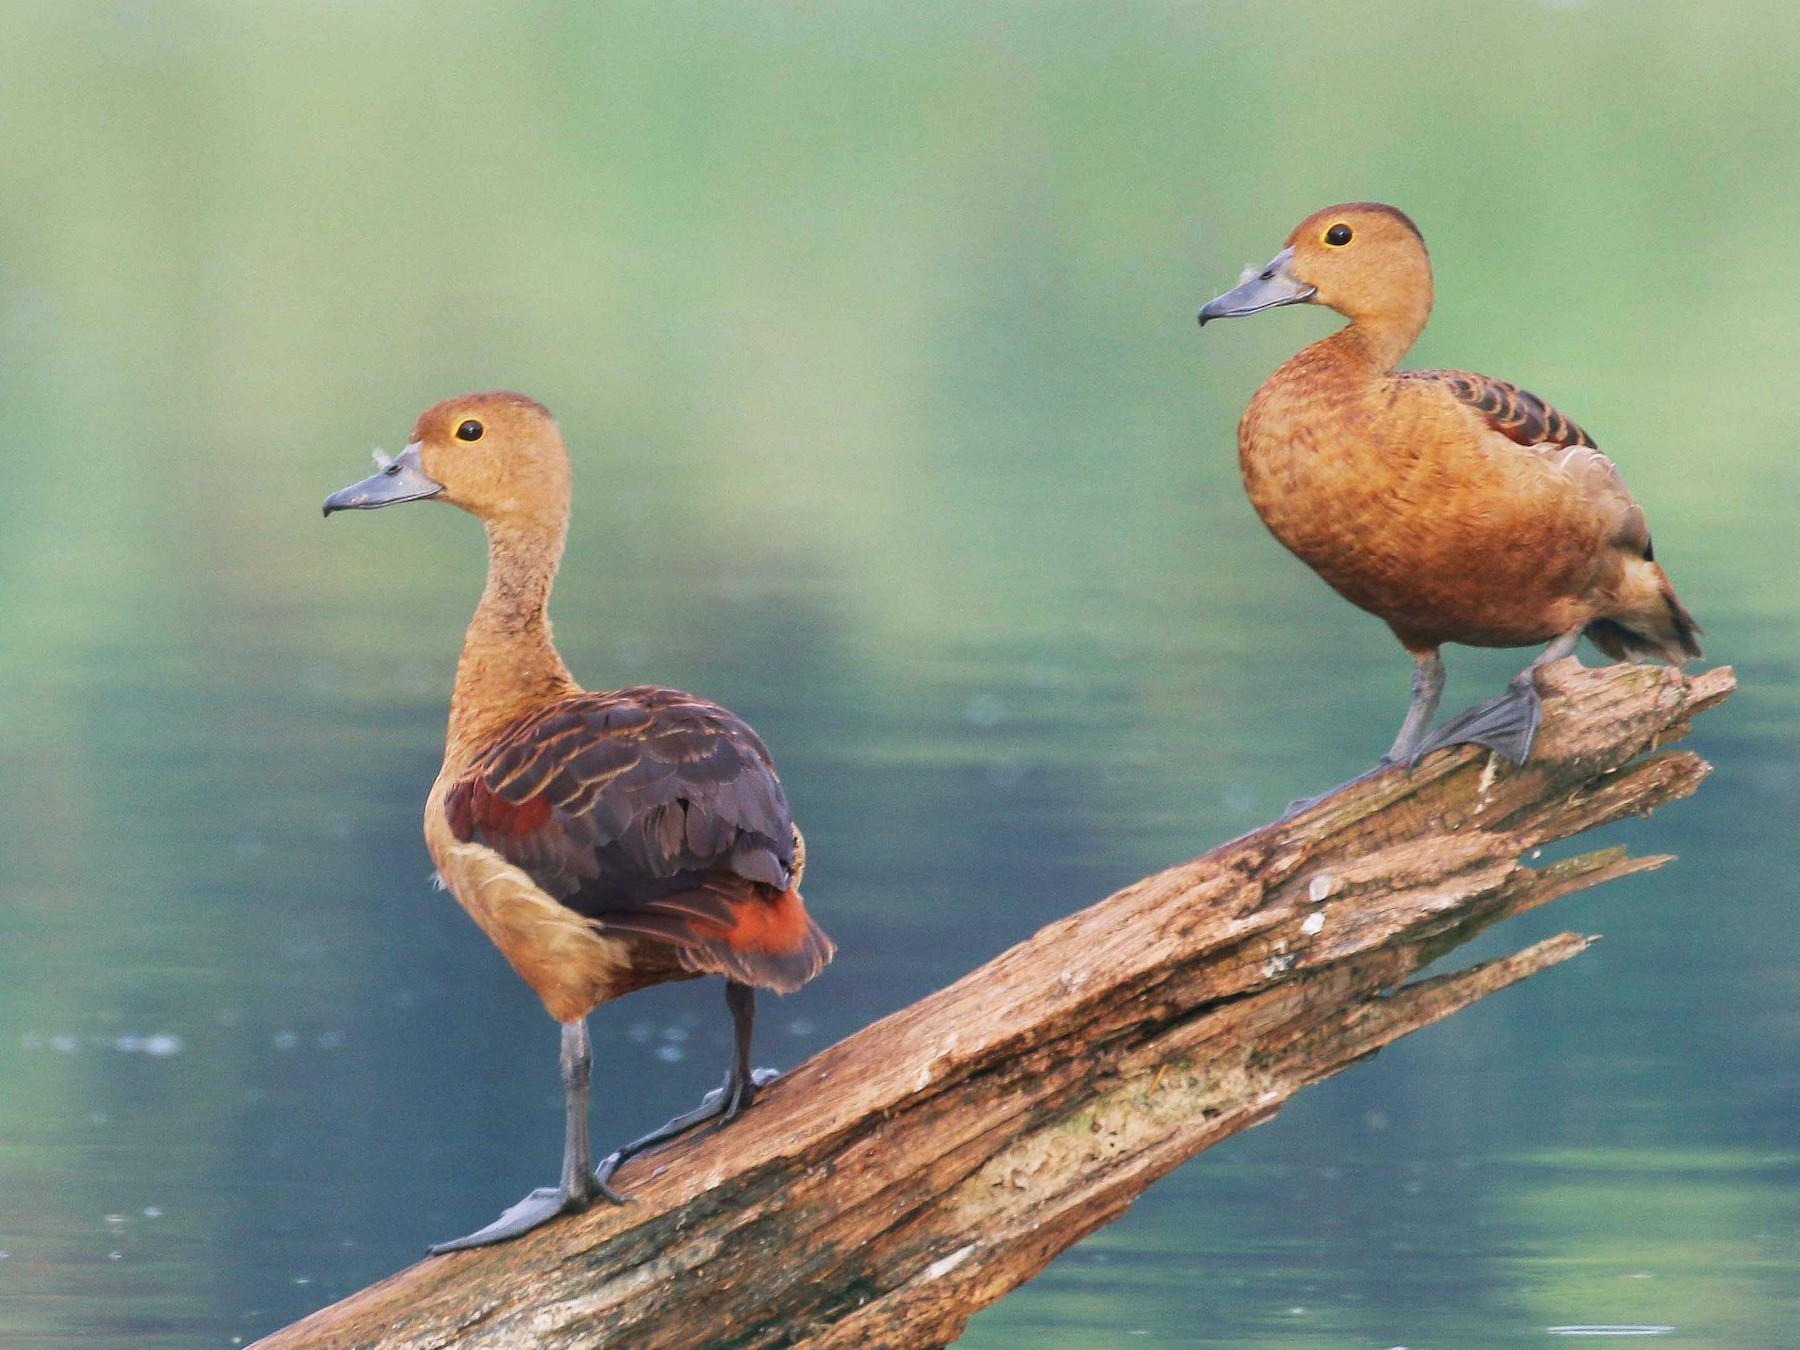 Lesser Whistling-Duck - Neoh Hor Kee